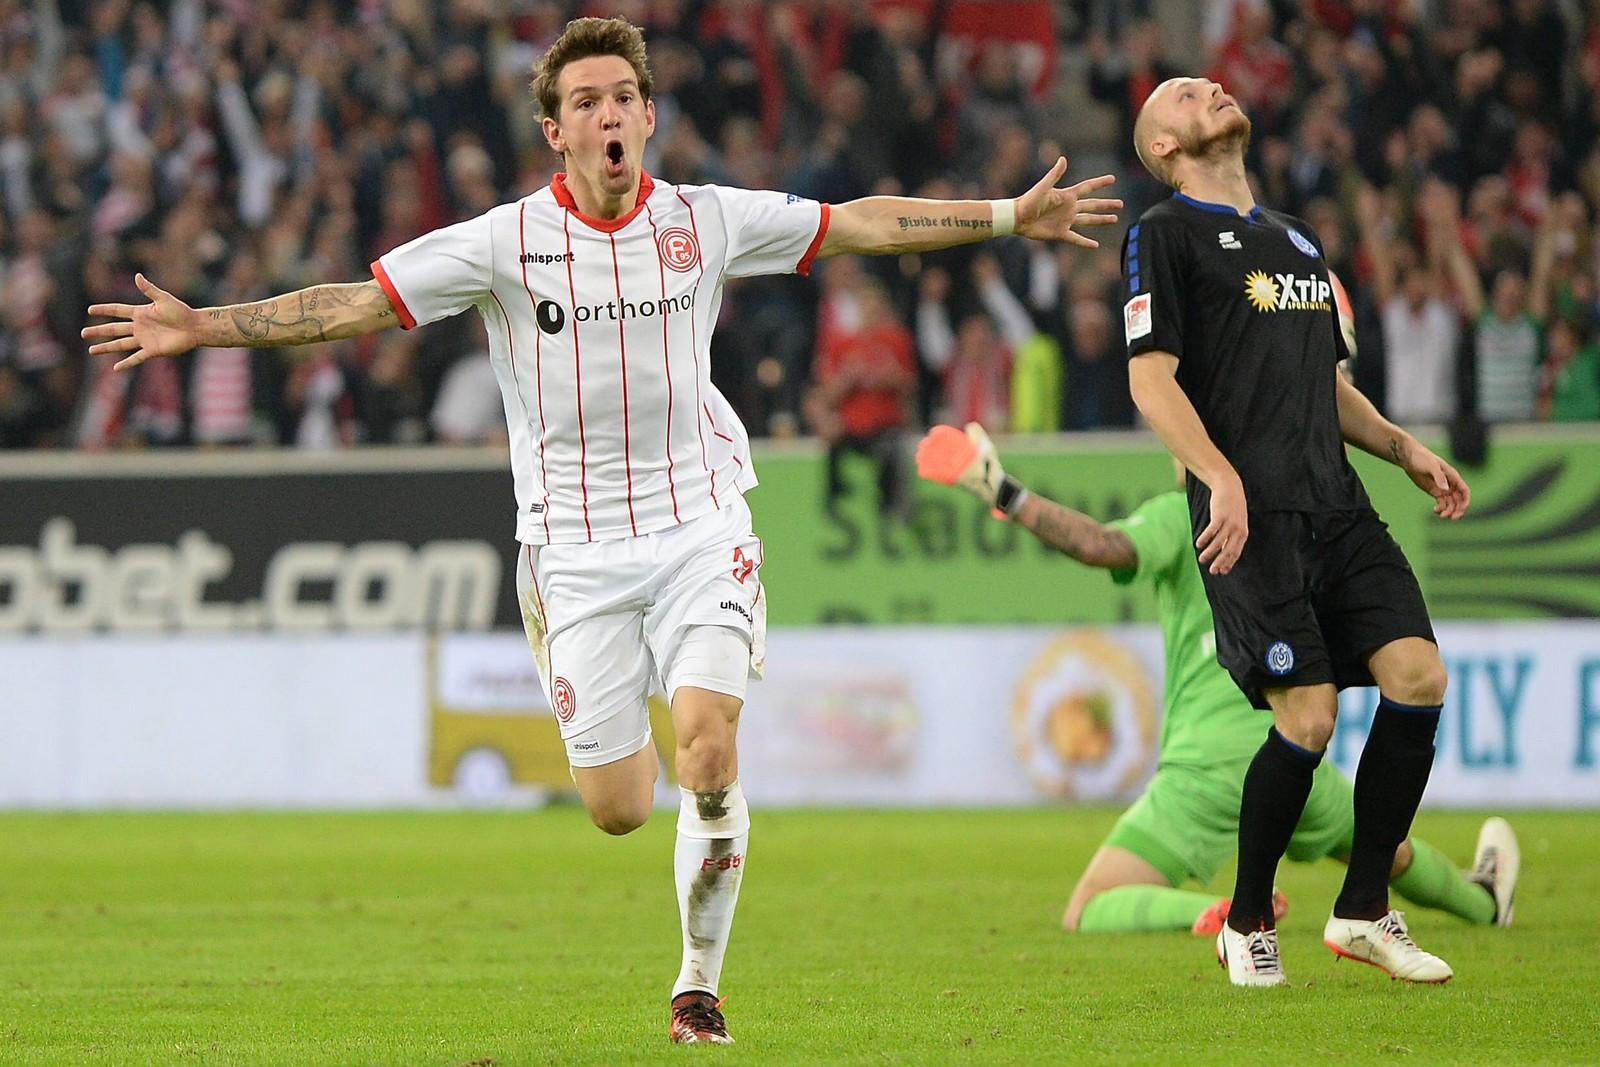 Benito Raman von Fortuna Düsseldorf nach seinem Tor gegen den MSV Duisburg